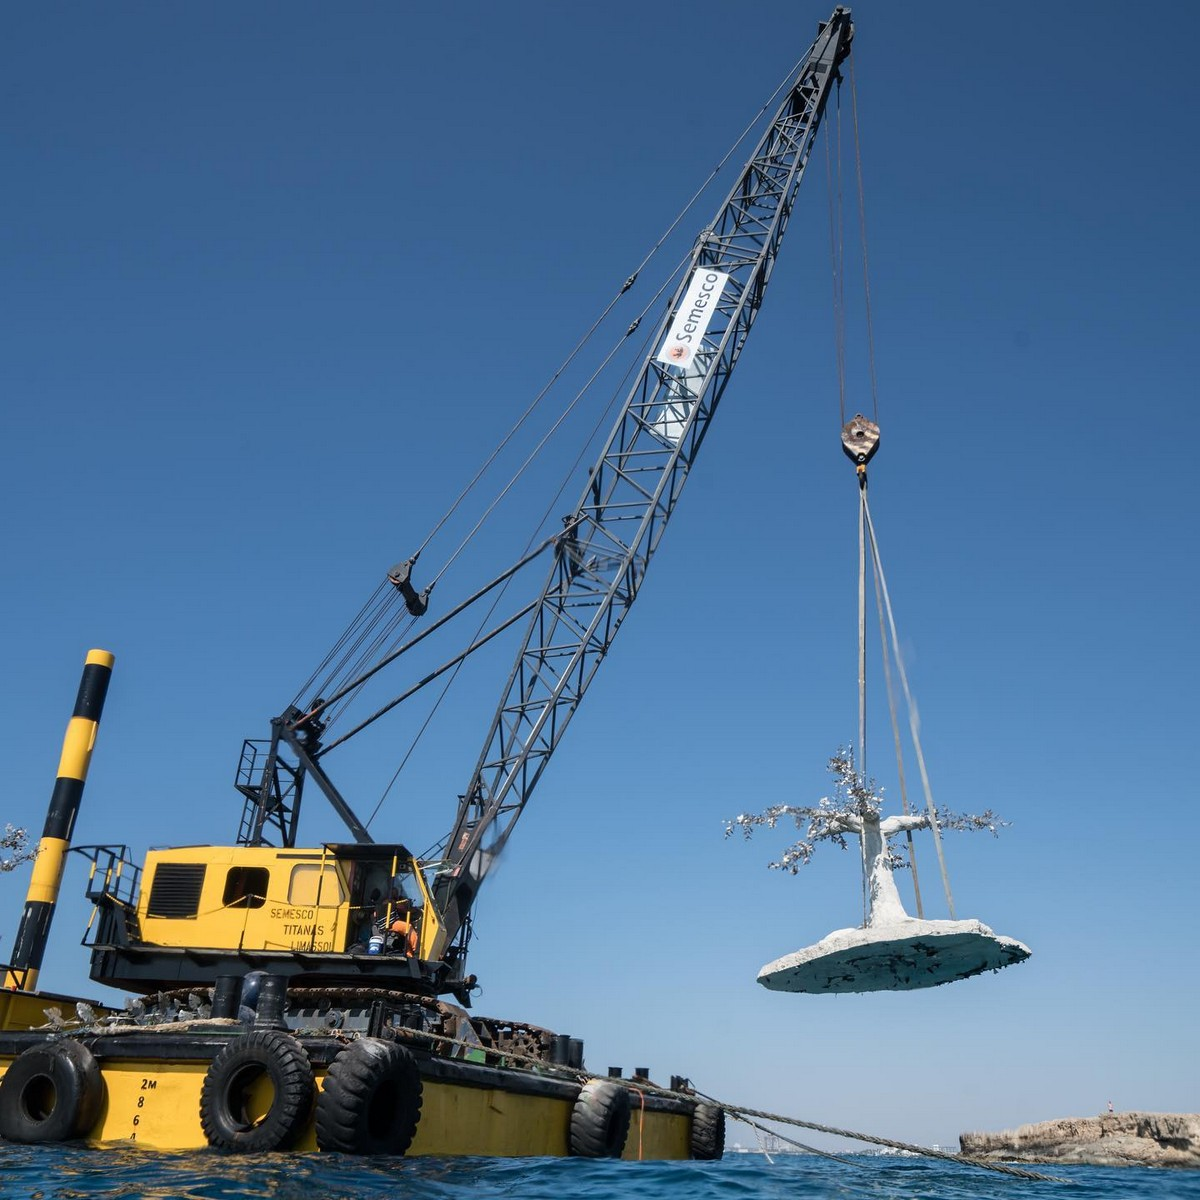 Музей подводной скульптуры открылся на Кипре